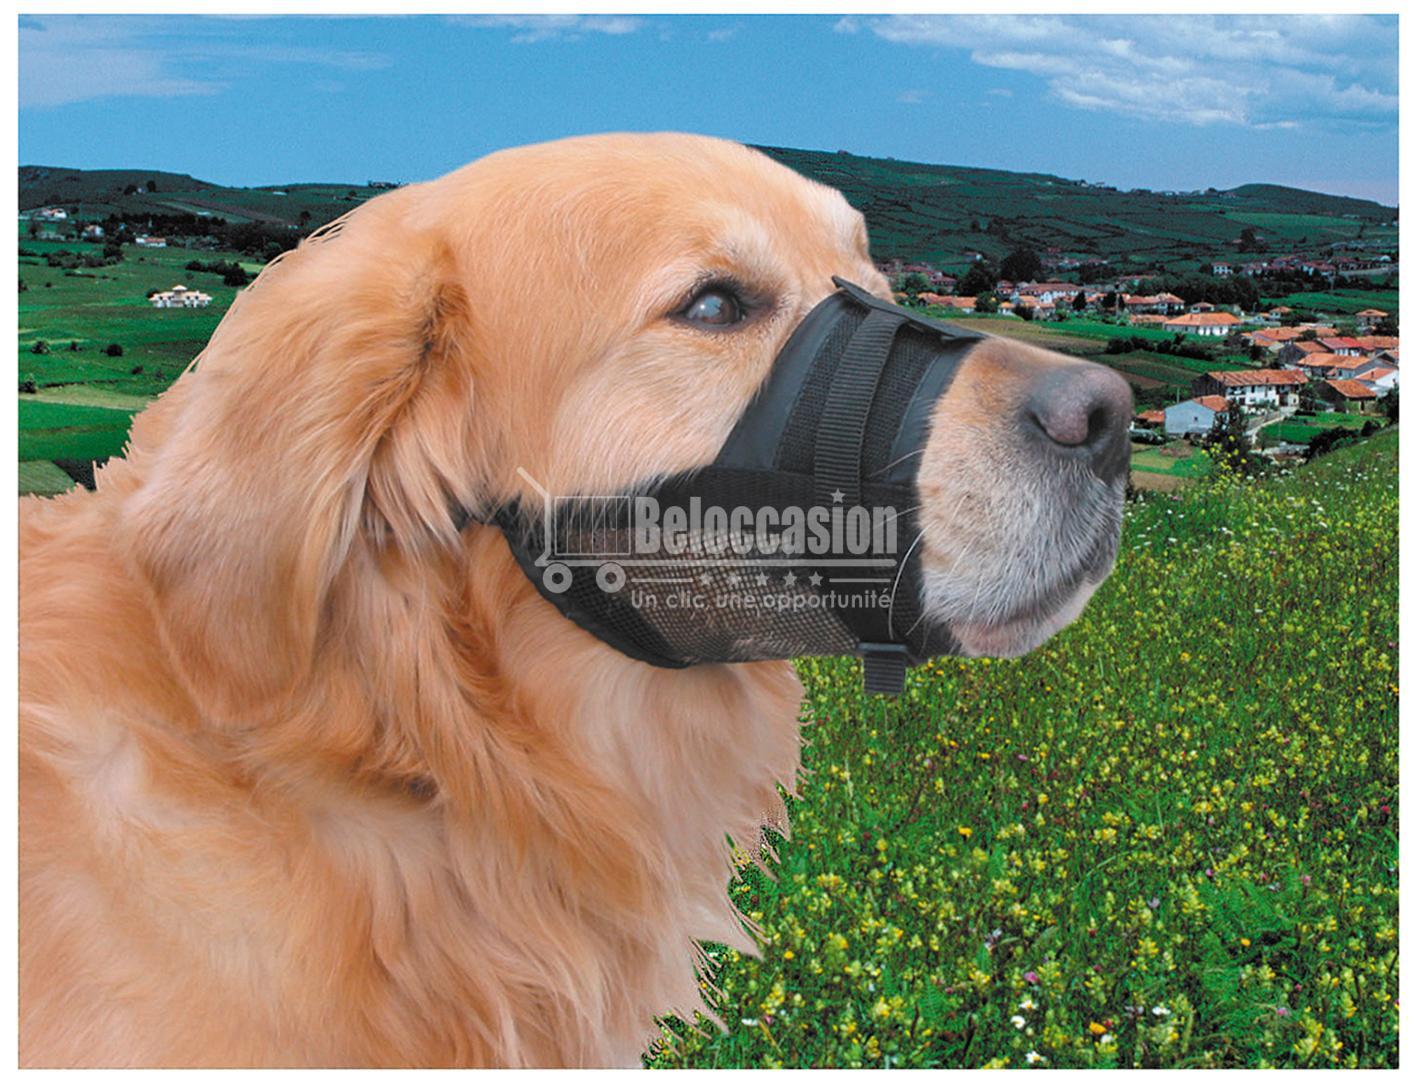 muselière petit chien muselière chien maroc muselière chien berger allemand muselière chien malinois muselière chien anti aboiement muselière chien beloccasion maroc